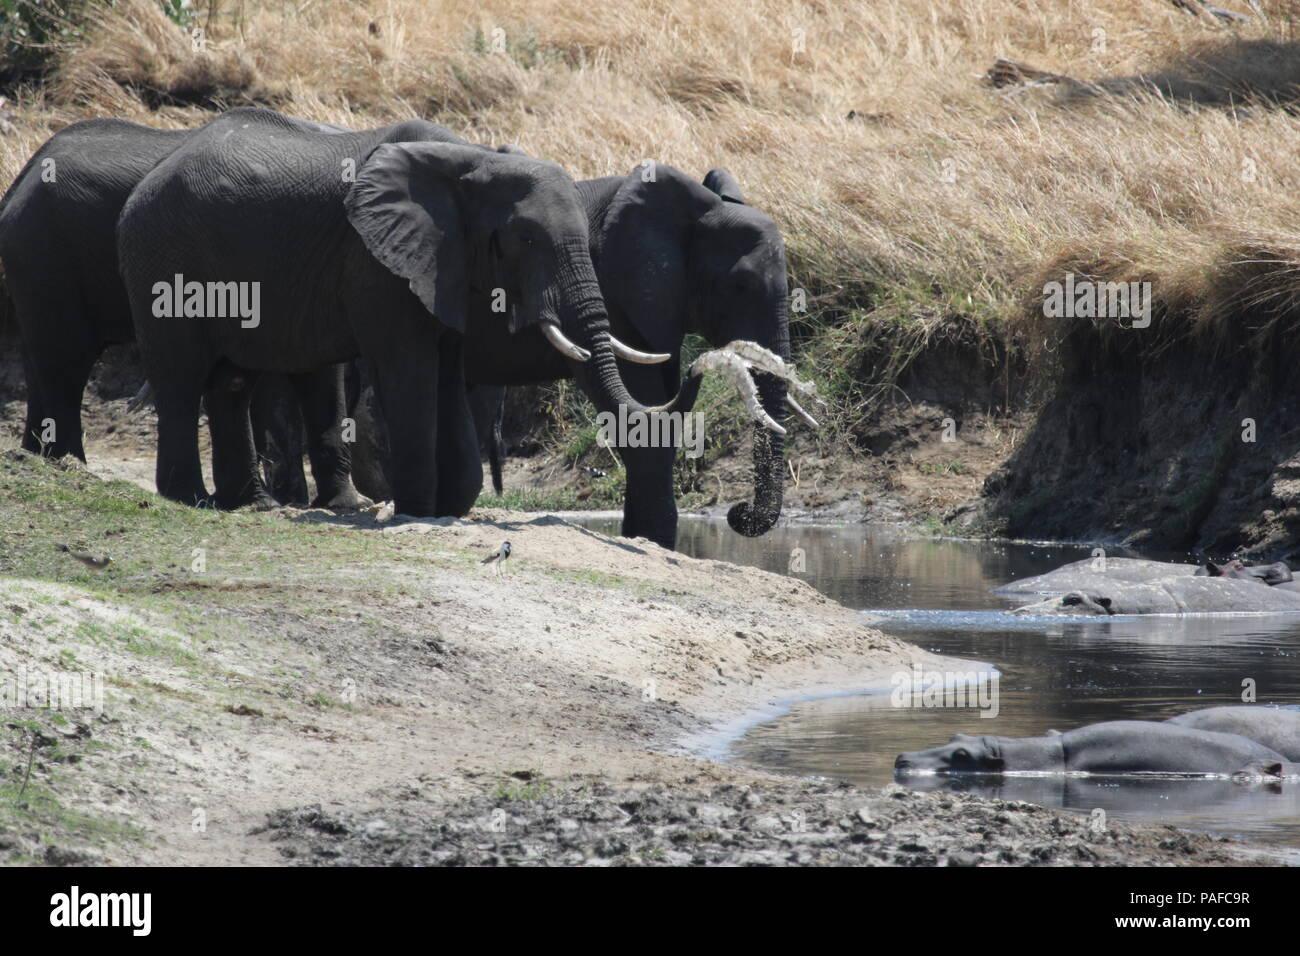 Tanzania elephants - Stock Image